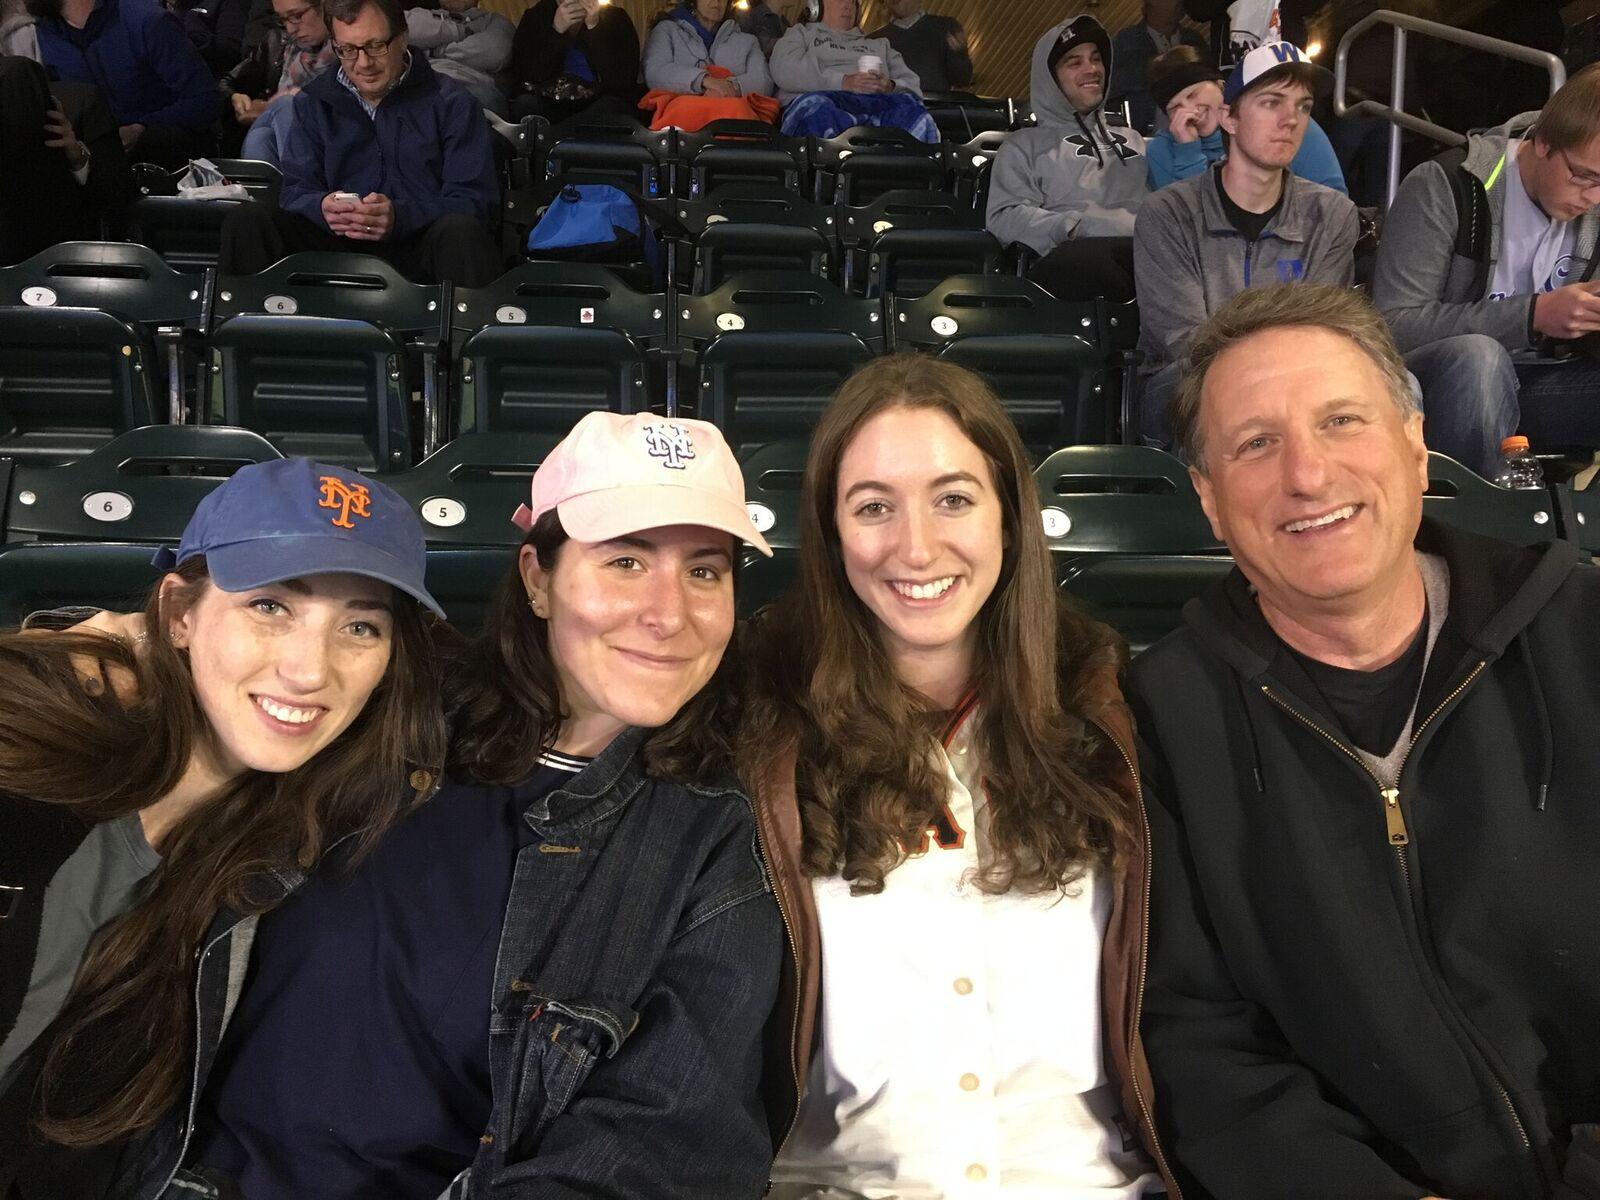 From left to right: Zoe Goldstein, Jane Rosenfeld, Sydnee Fried, David Fleischner